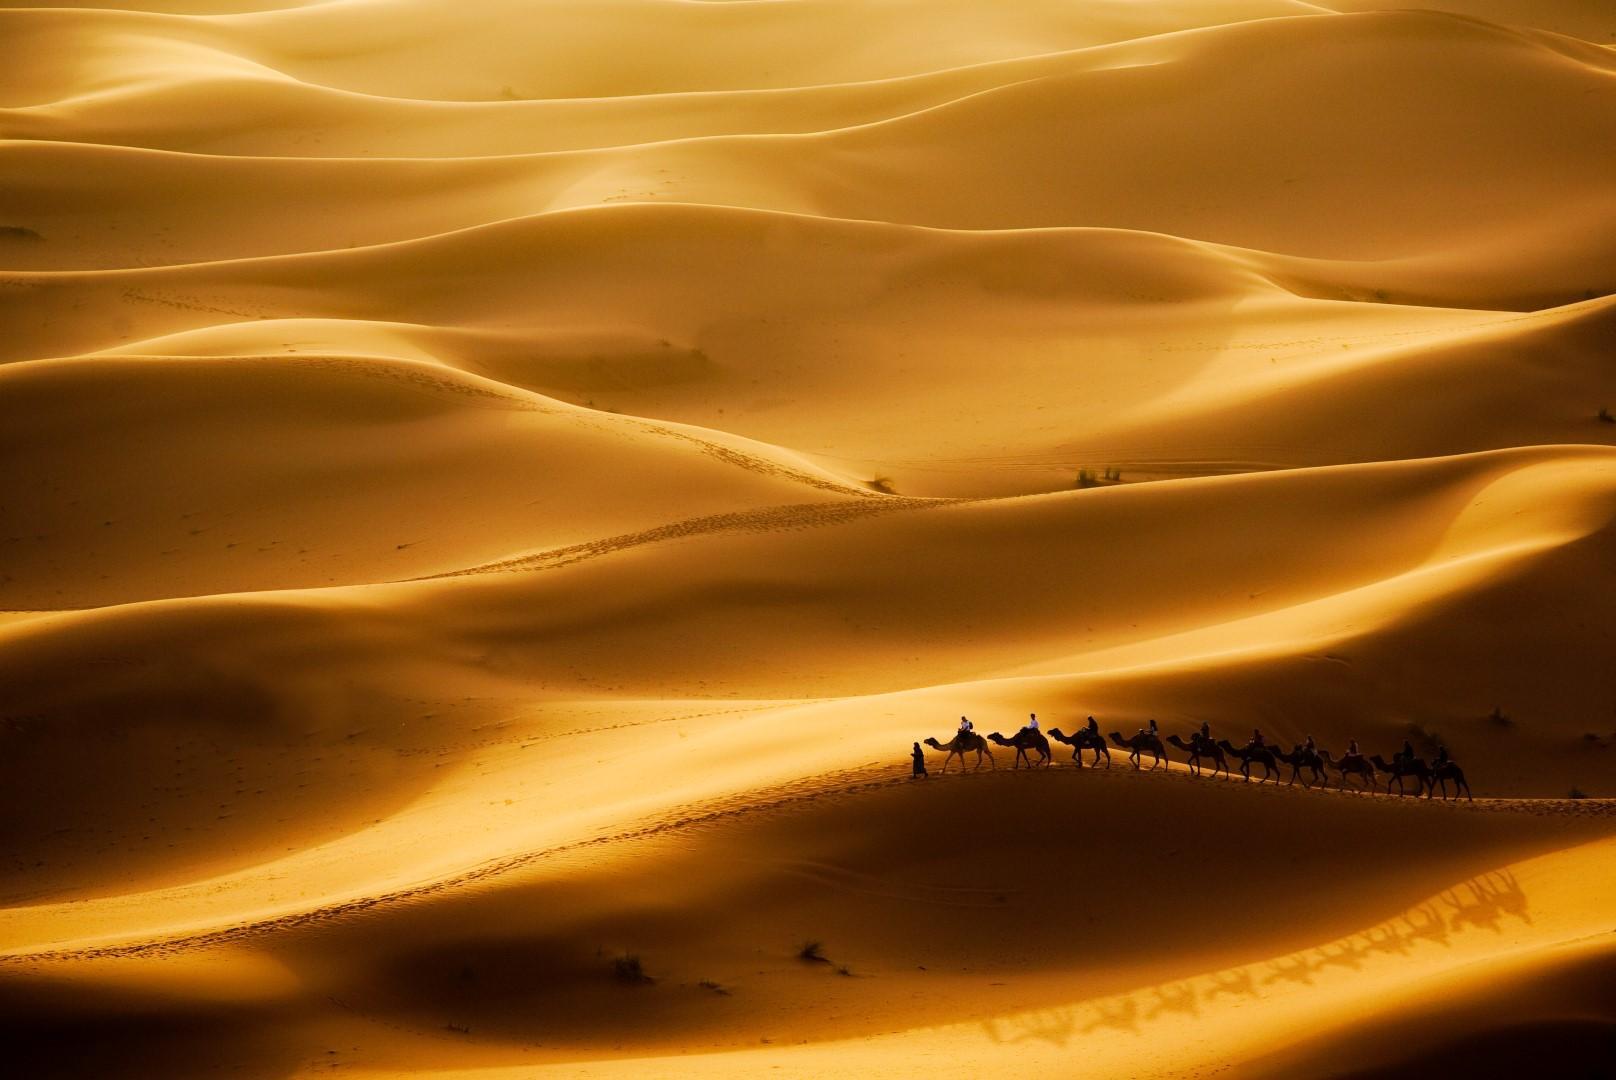 I deserti più affascinanti del mondo